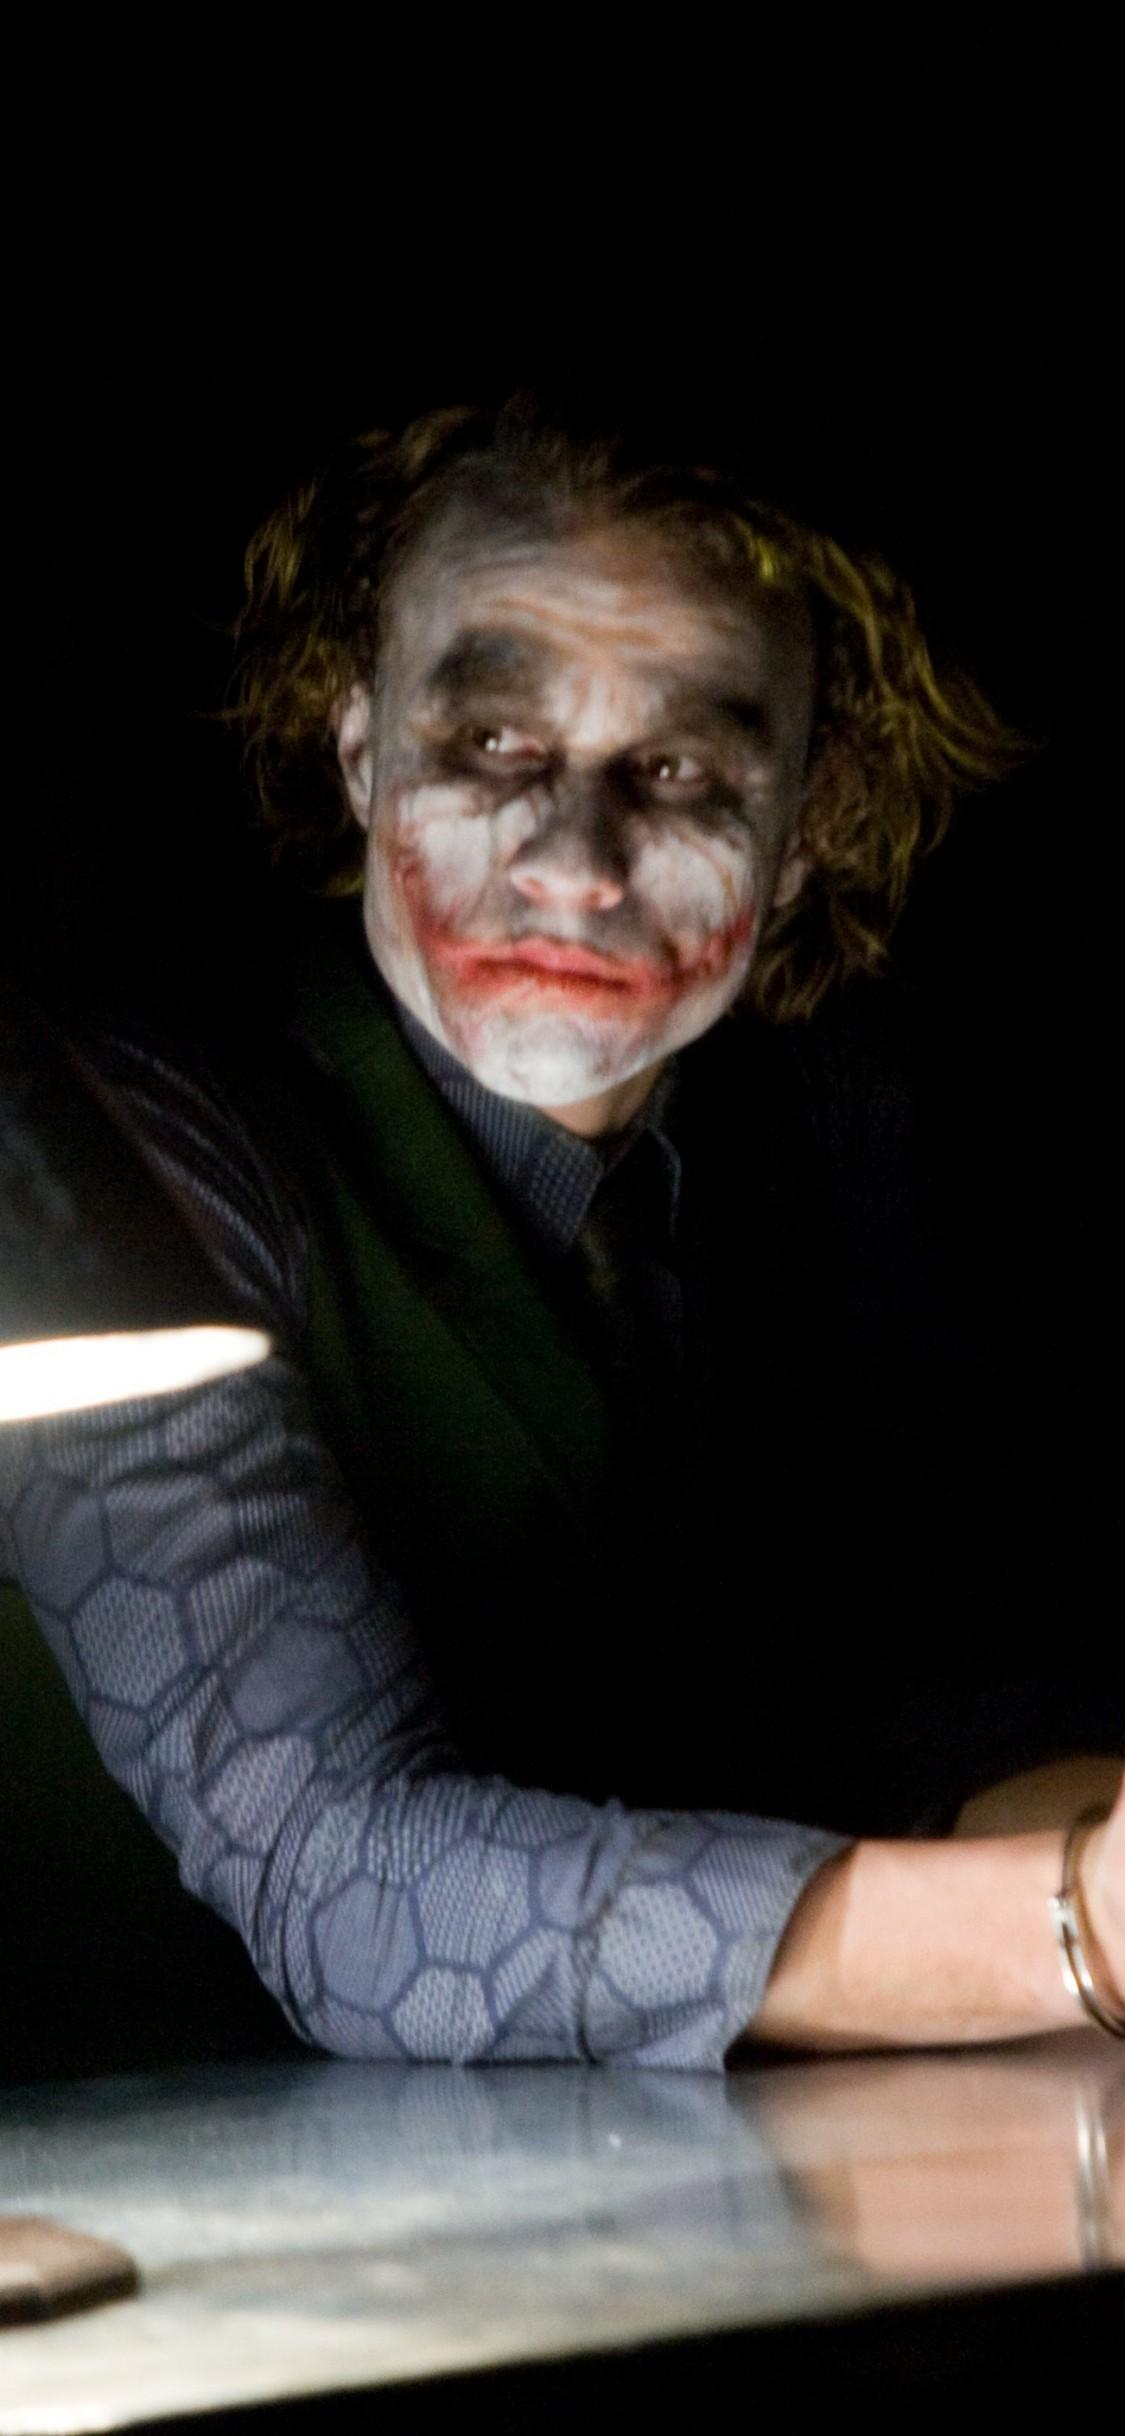 The Joker Heath Ledger Wallpaper Posted By Zoey Peltier